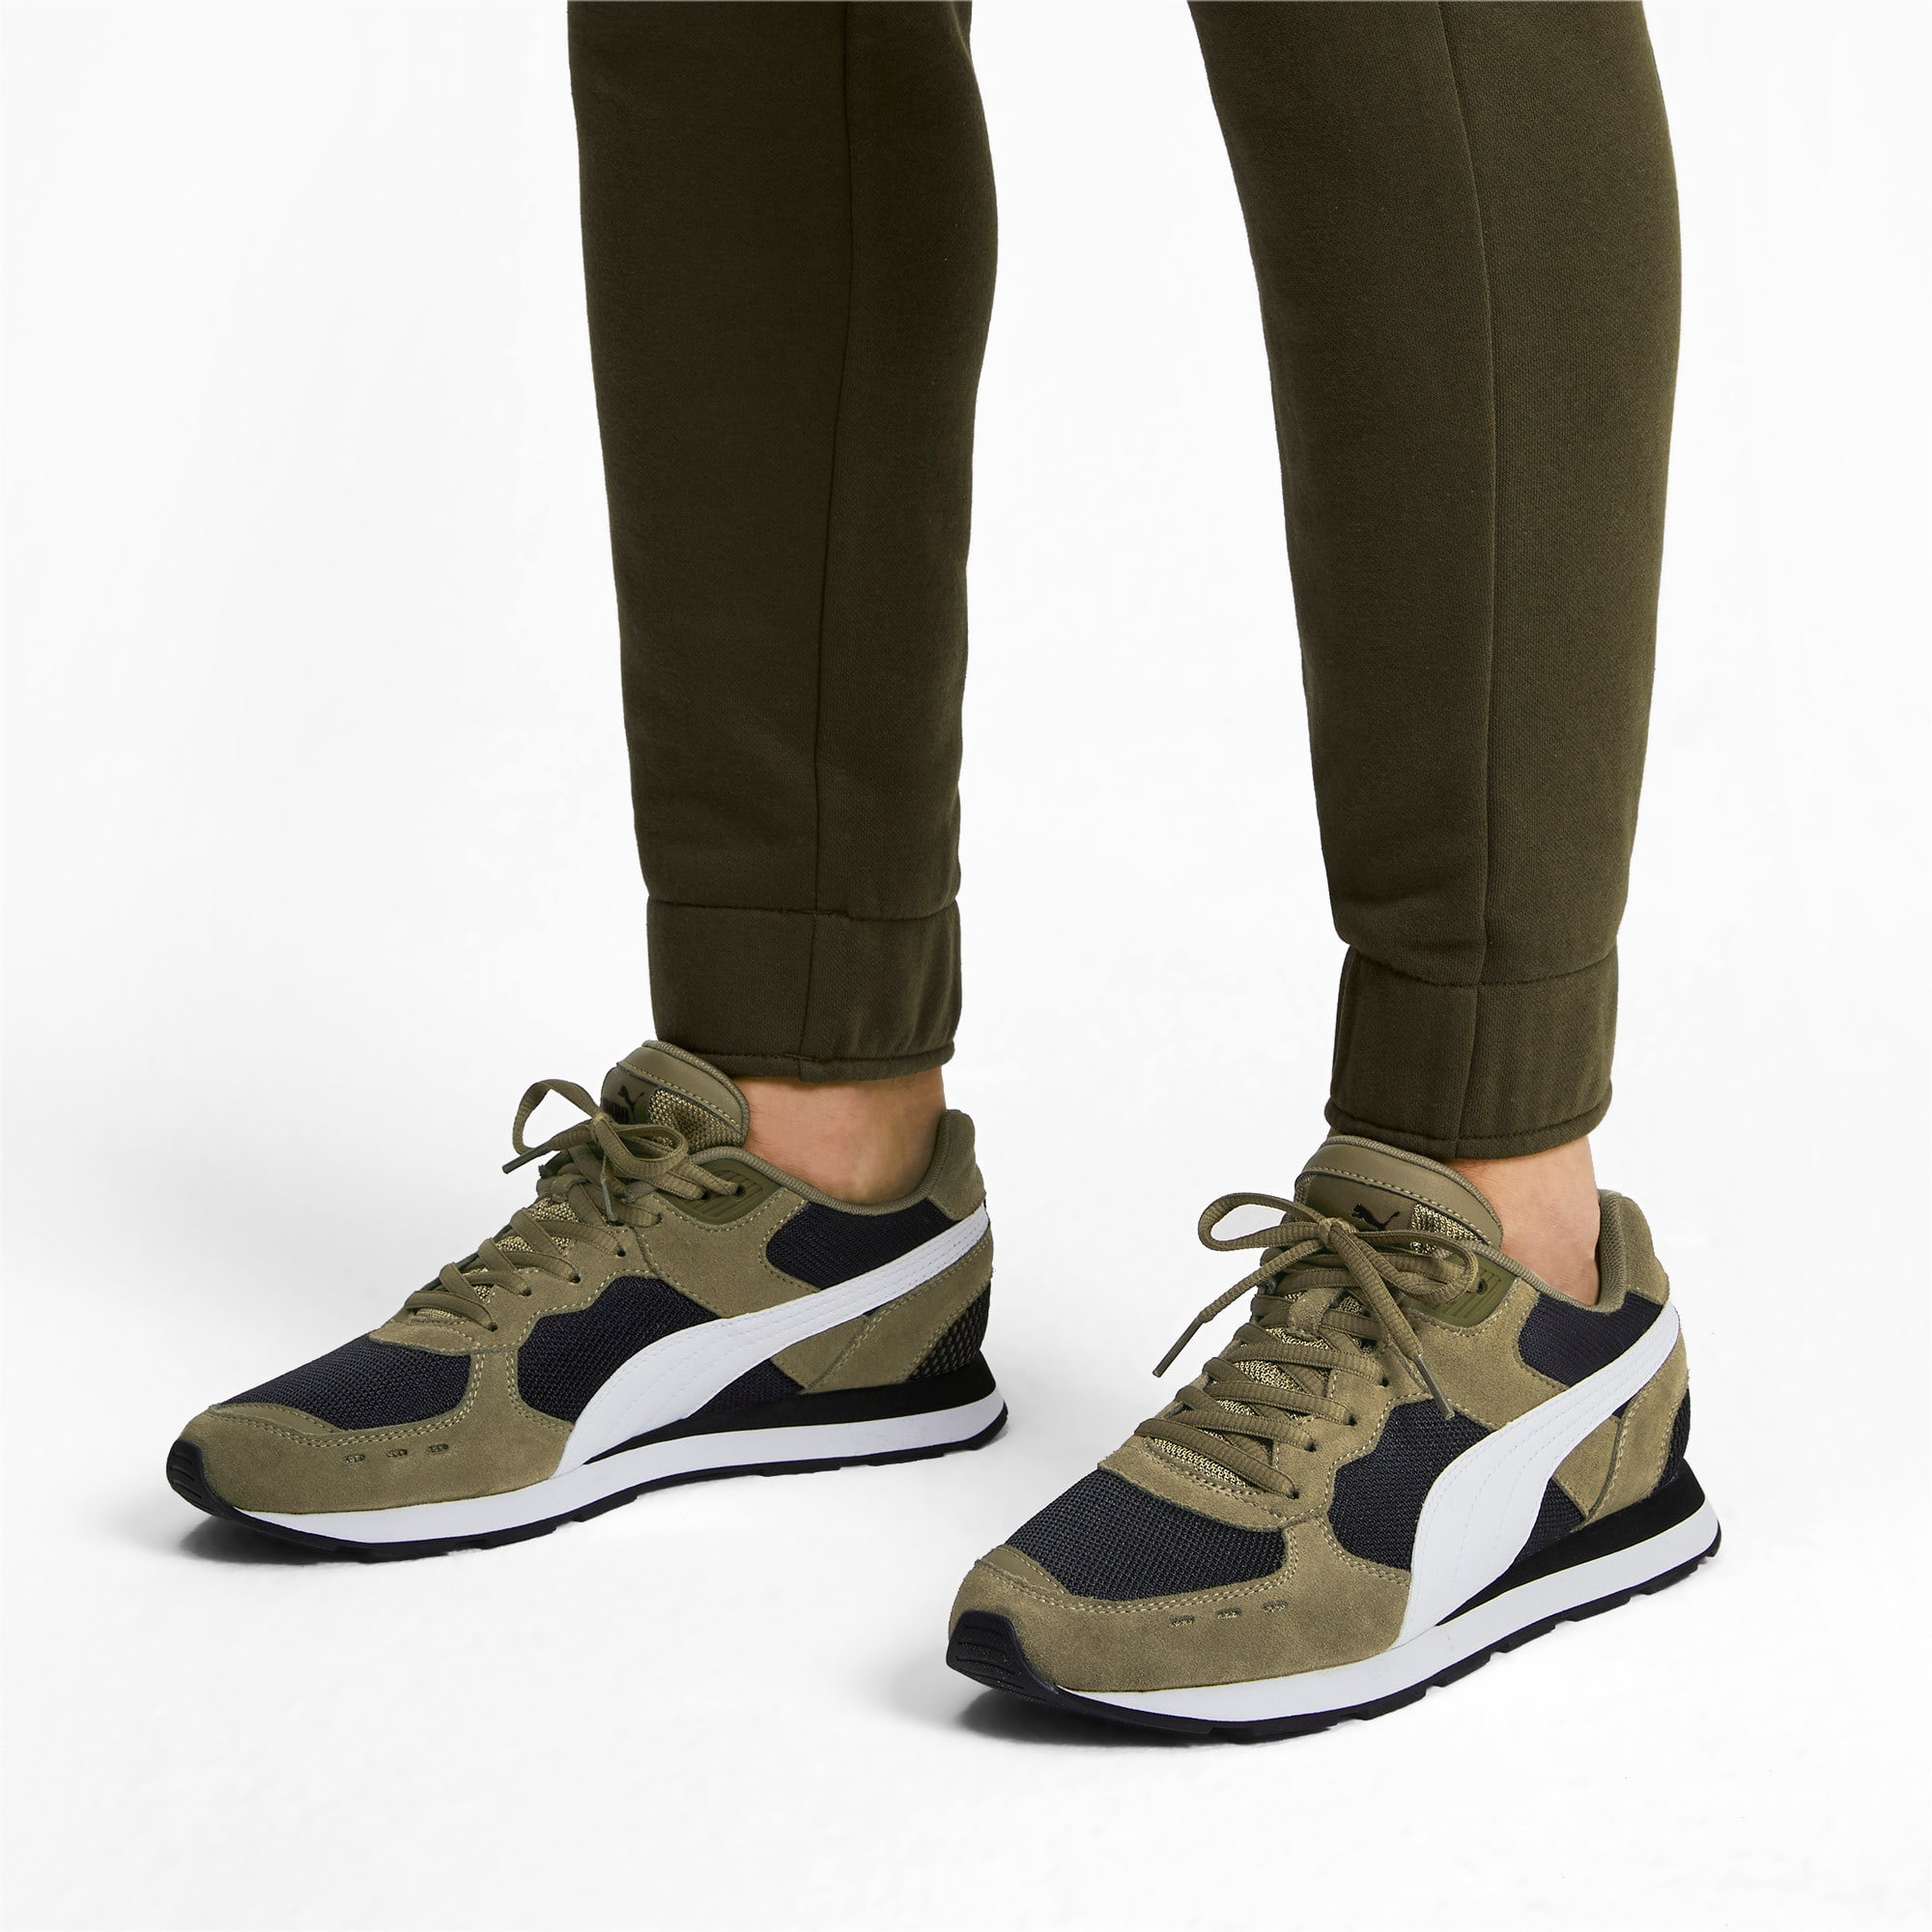 Miniatura 2 de Zapatos deportivos Vista, Burnt Olive-Puma White, mediano